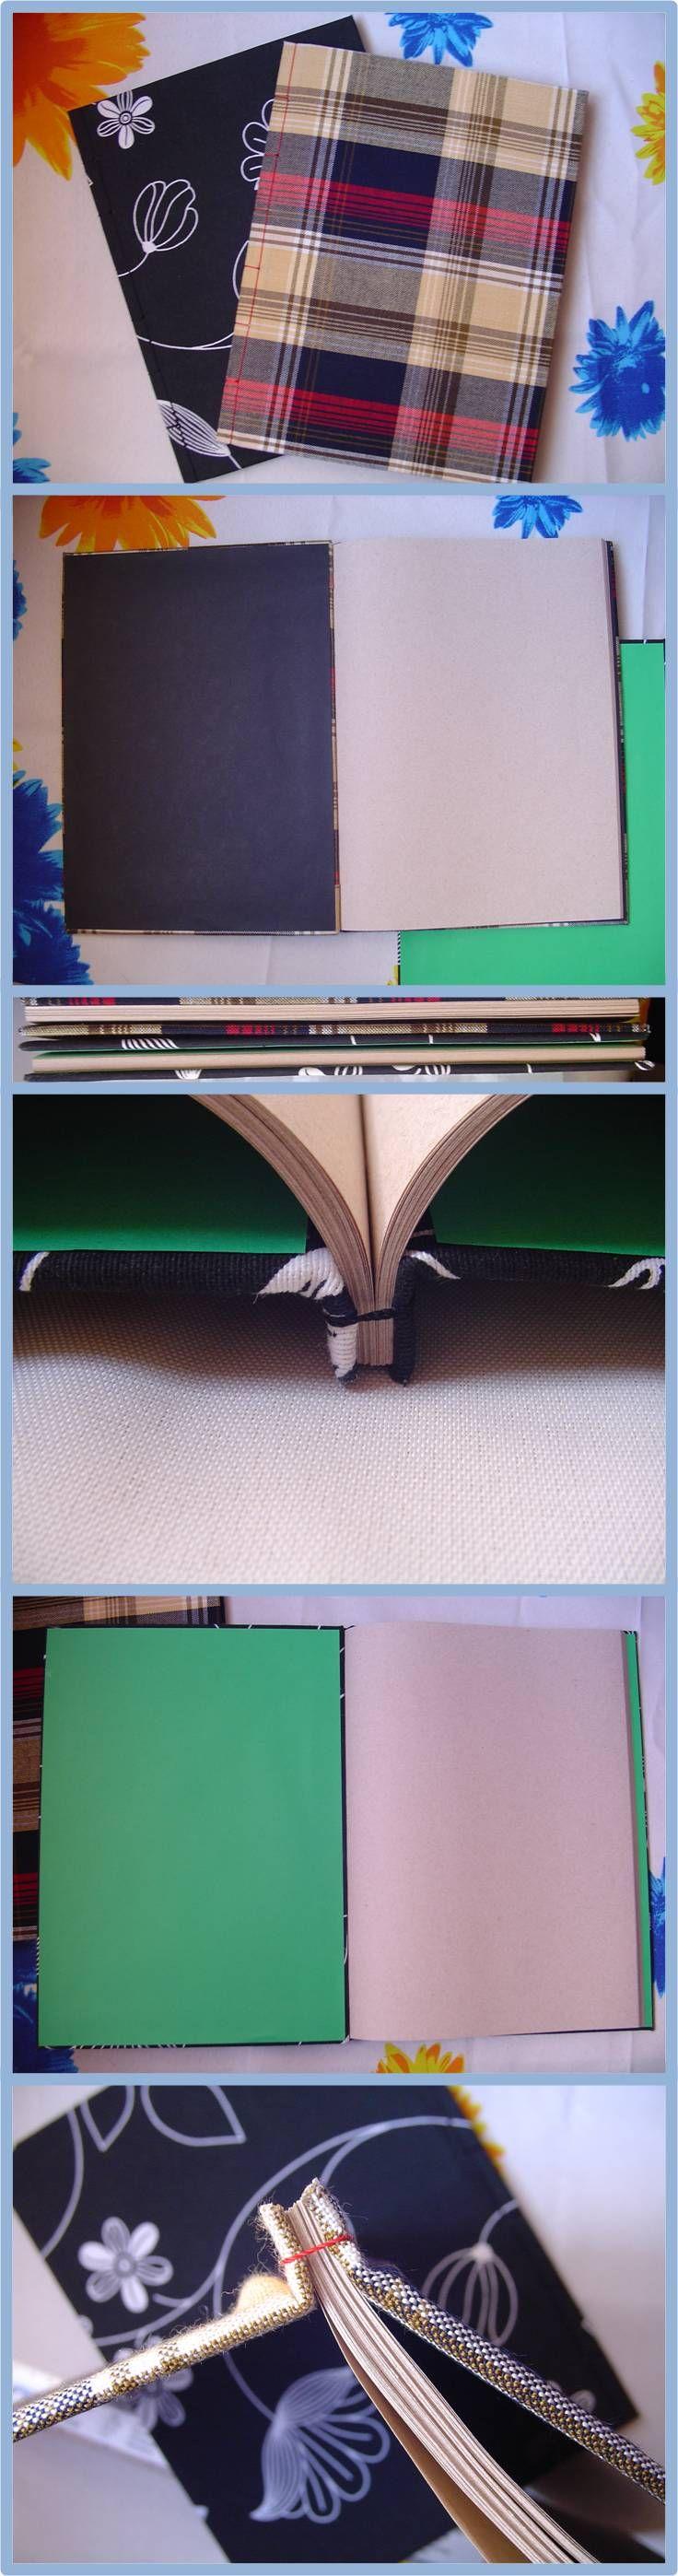 Cuaderno hecho a mano, cosido japonés, hojas recicladas. *** Book binding, crafts, notebook